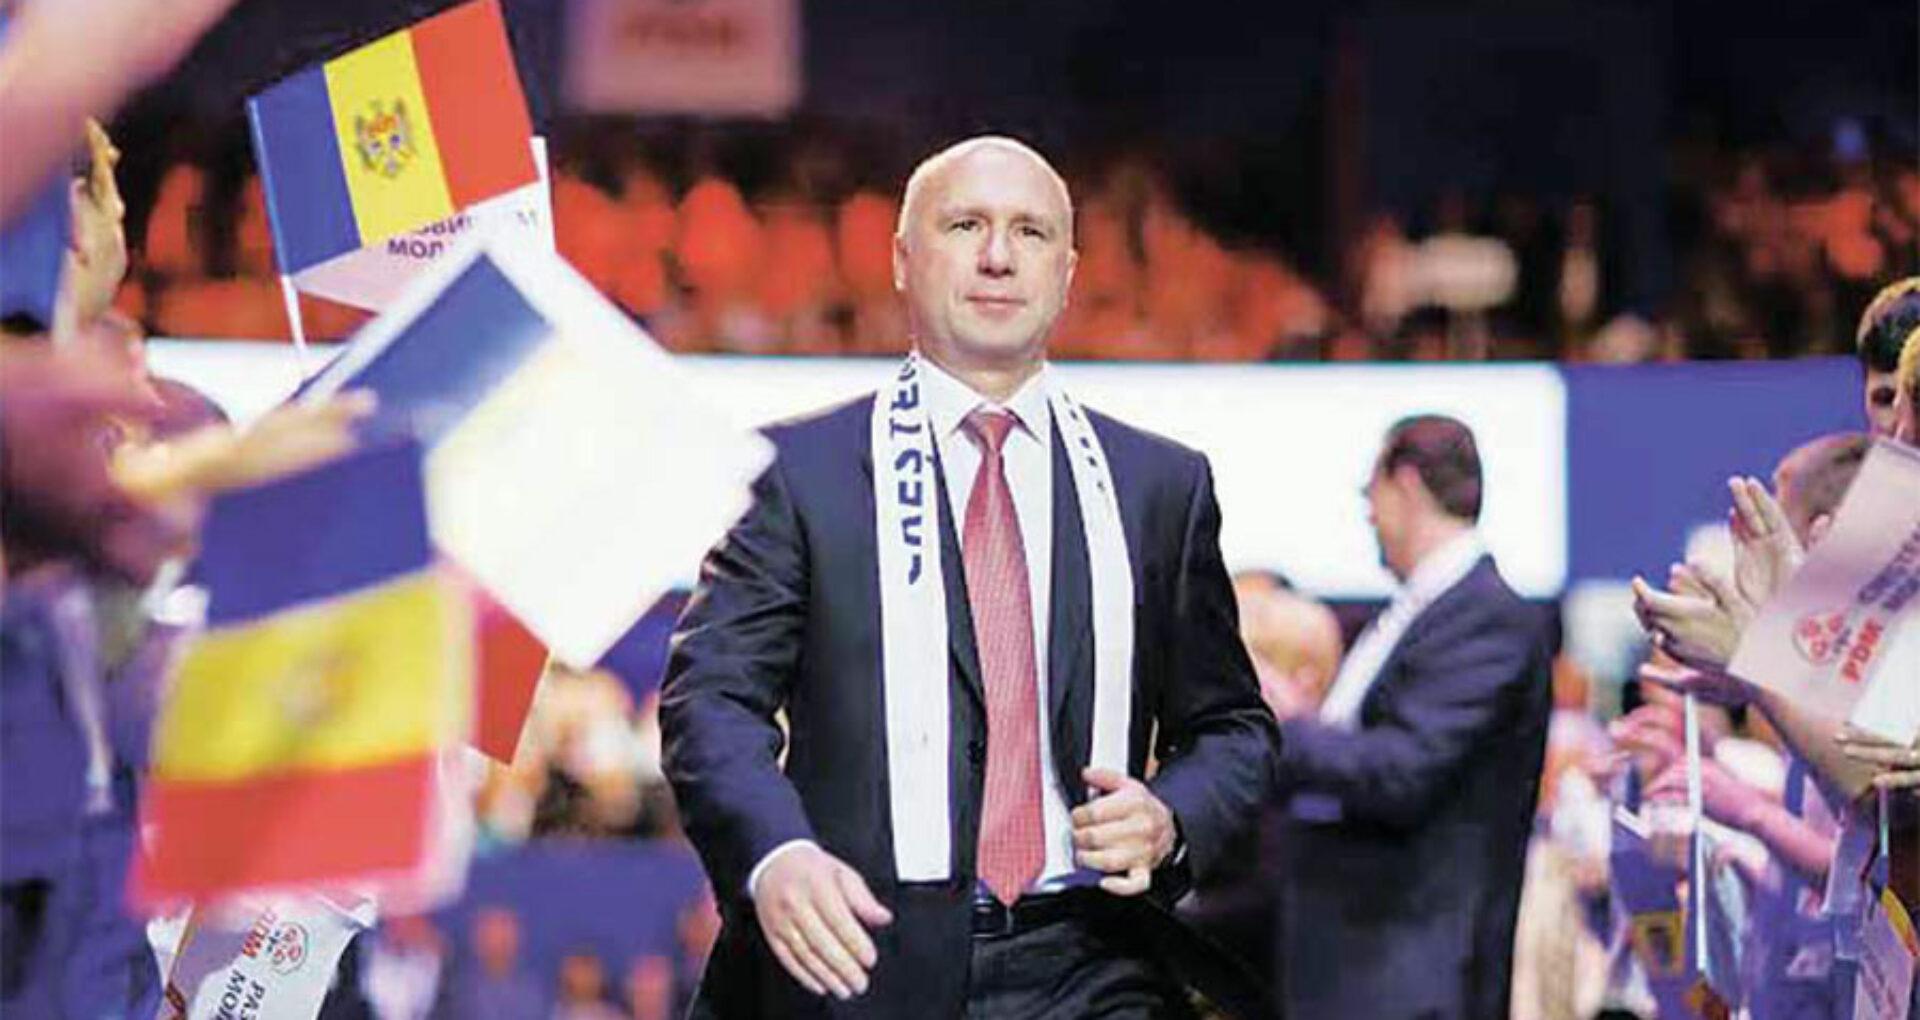 Declarație a ZdG pe marginea atacurilor verbale ale premierului Pavel Filip